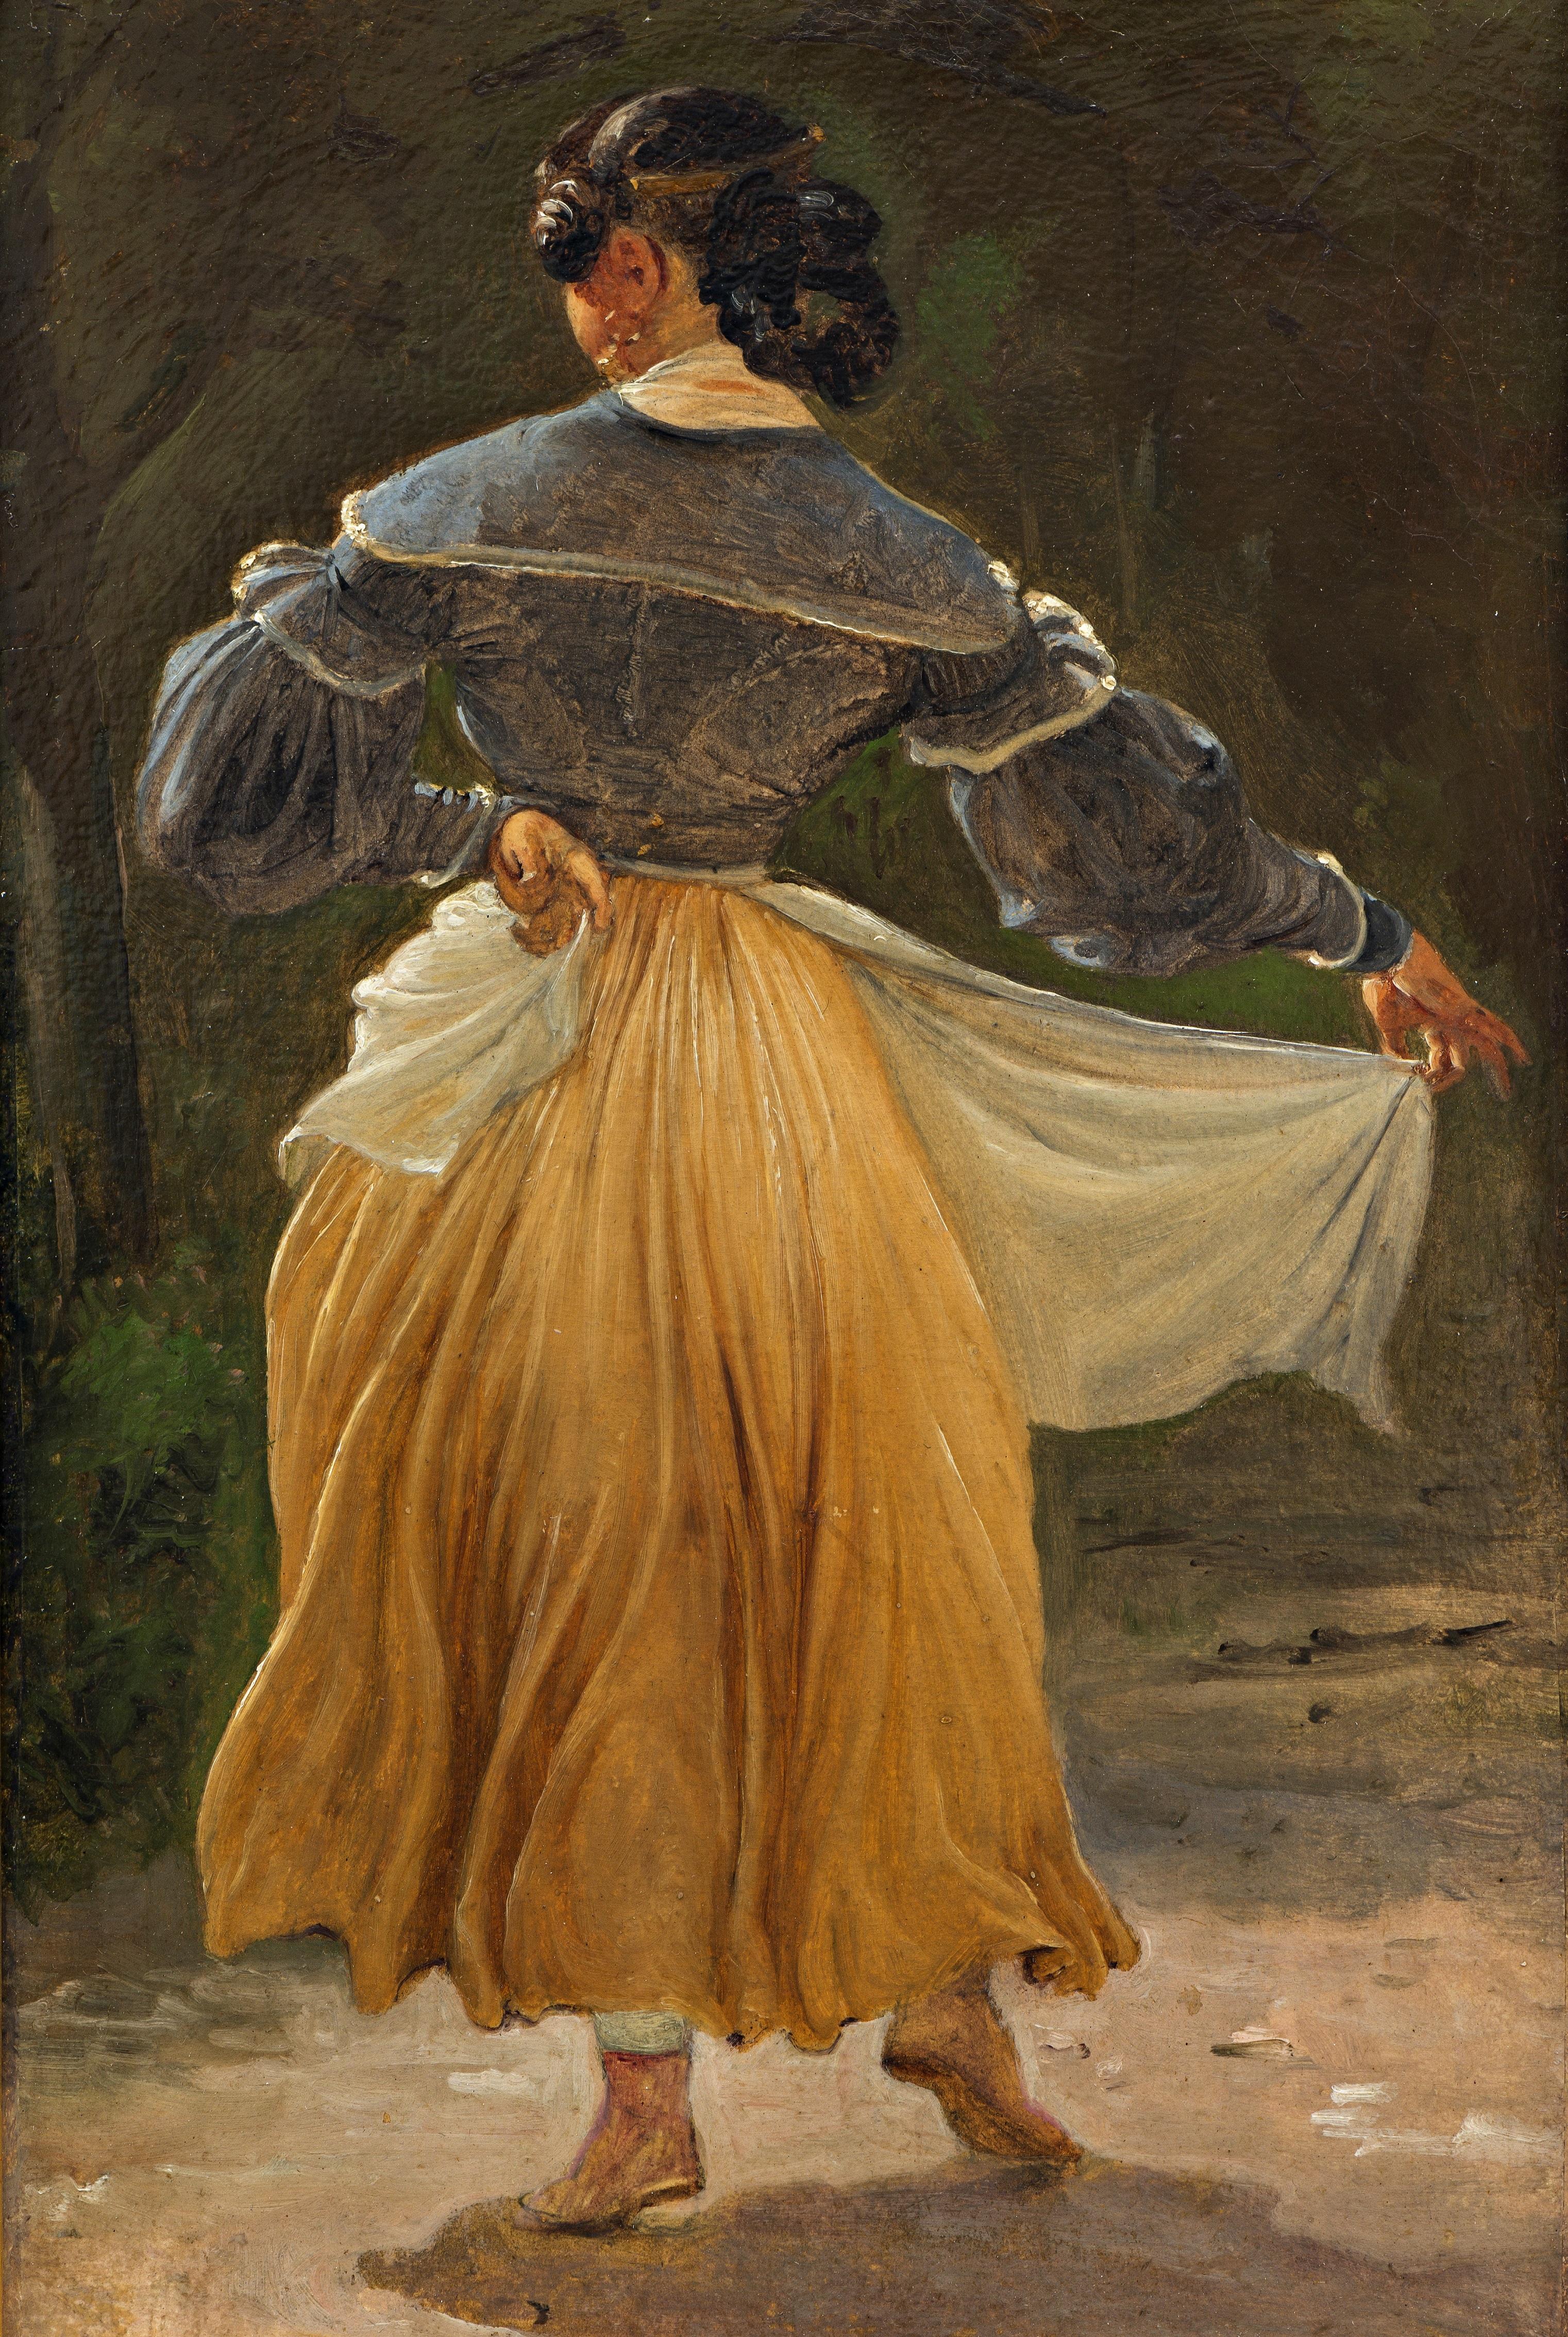 Maleri af Wilhelm Marstrand, Dansende romerinde. Studie til Romerske borgere forsamlet til lystighed i et osteri, før 1838. Nivaagaards Malerisamling